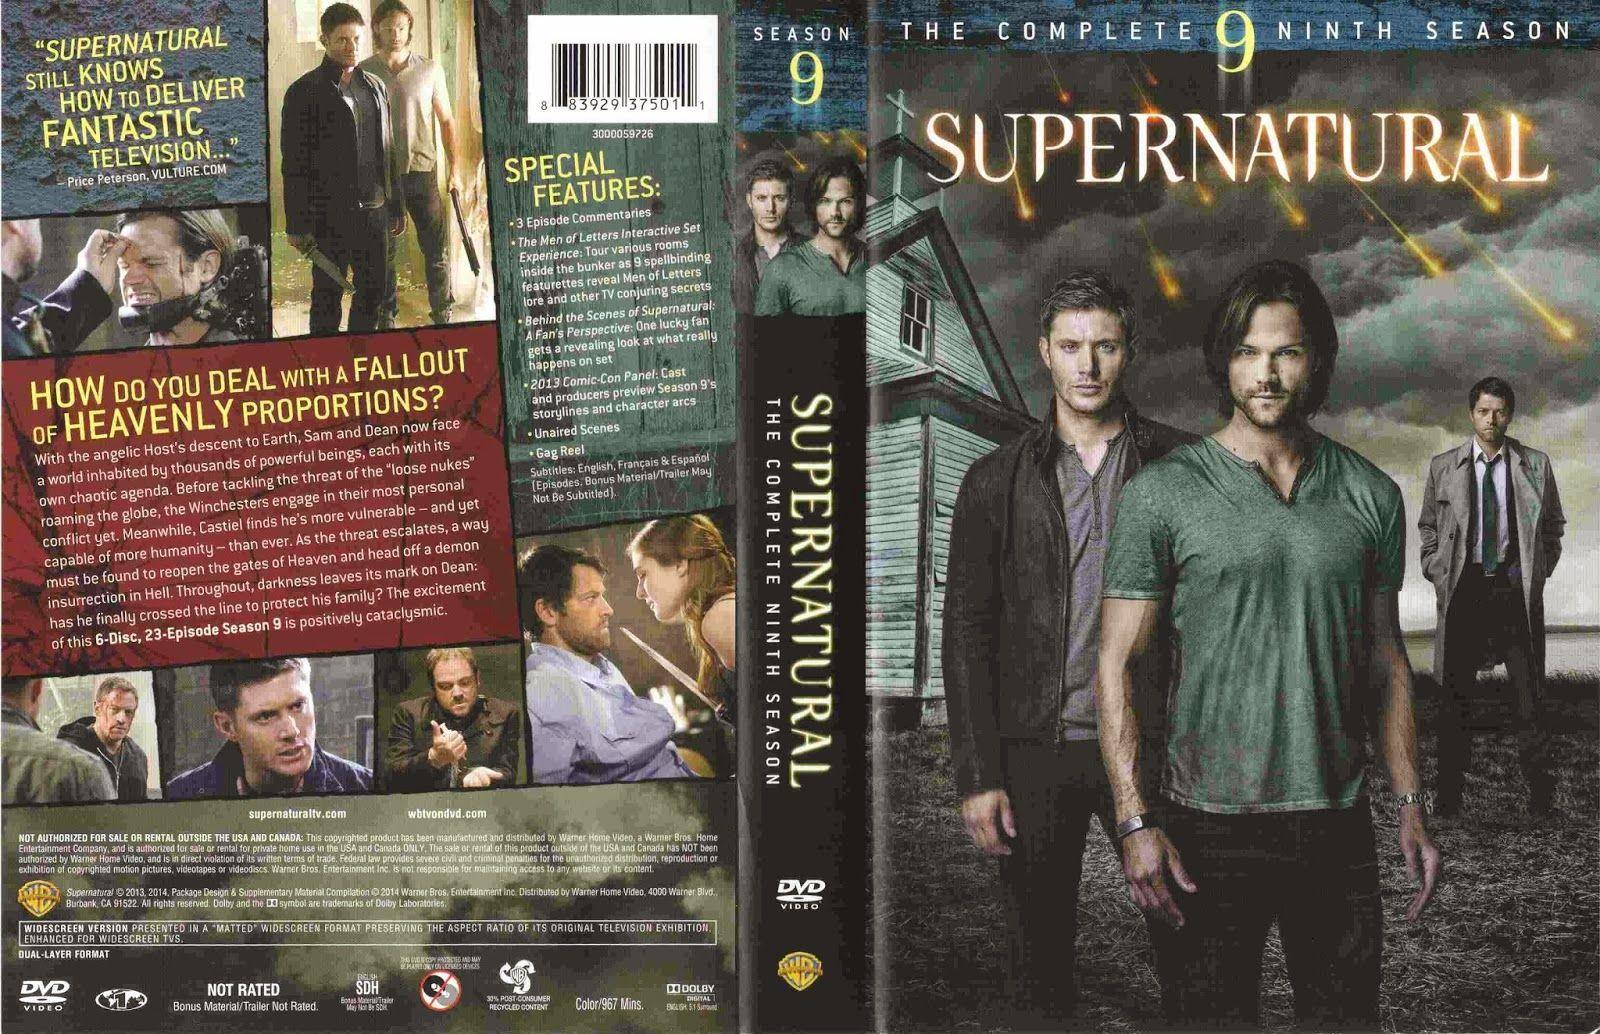 Season 9 Cover Supernatural Seasons Supernatural Supernatural Season 9